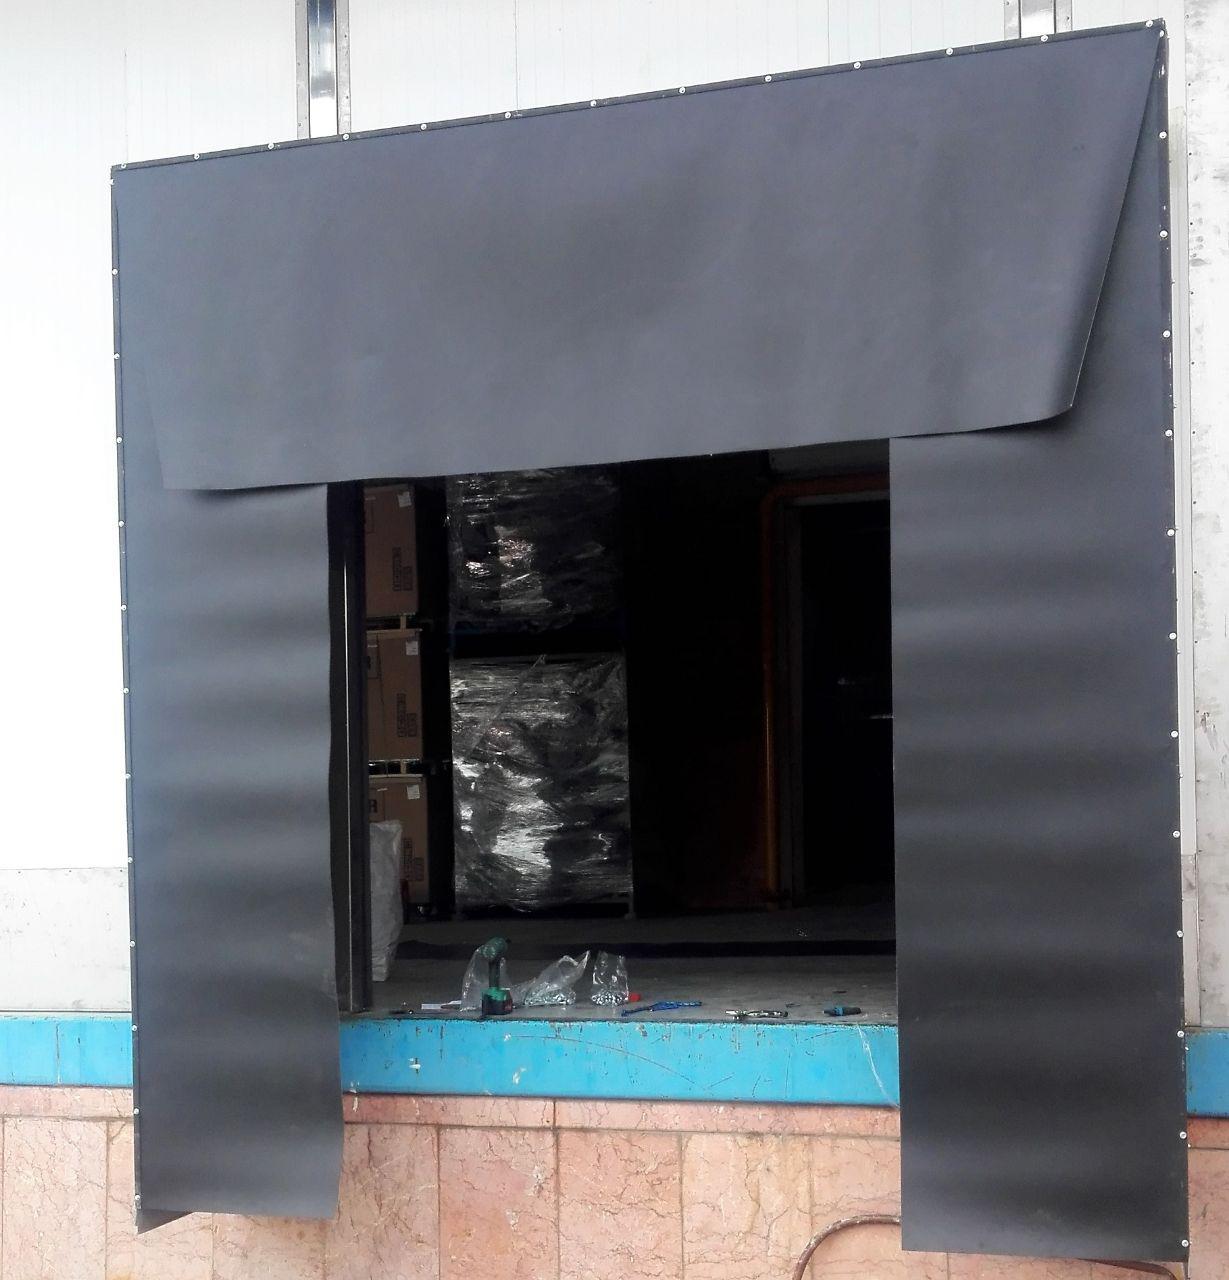 پروژه طراحی و تولید داک شلتر